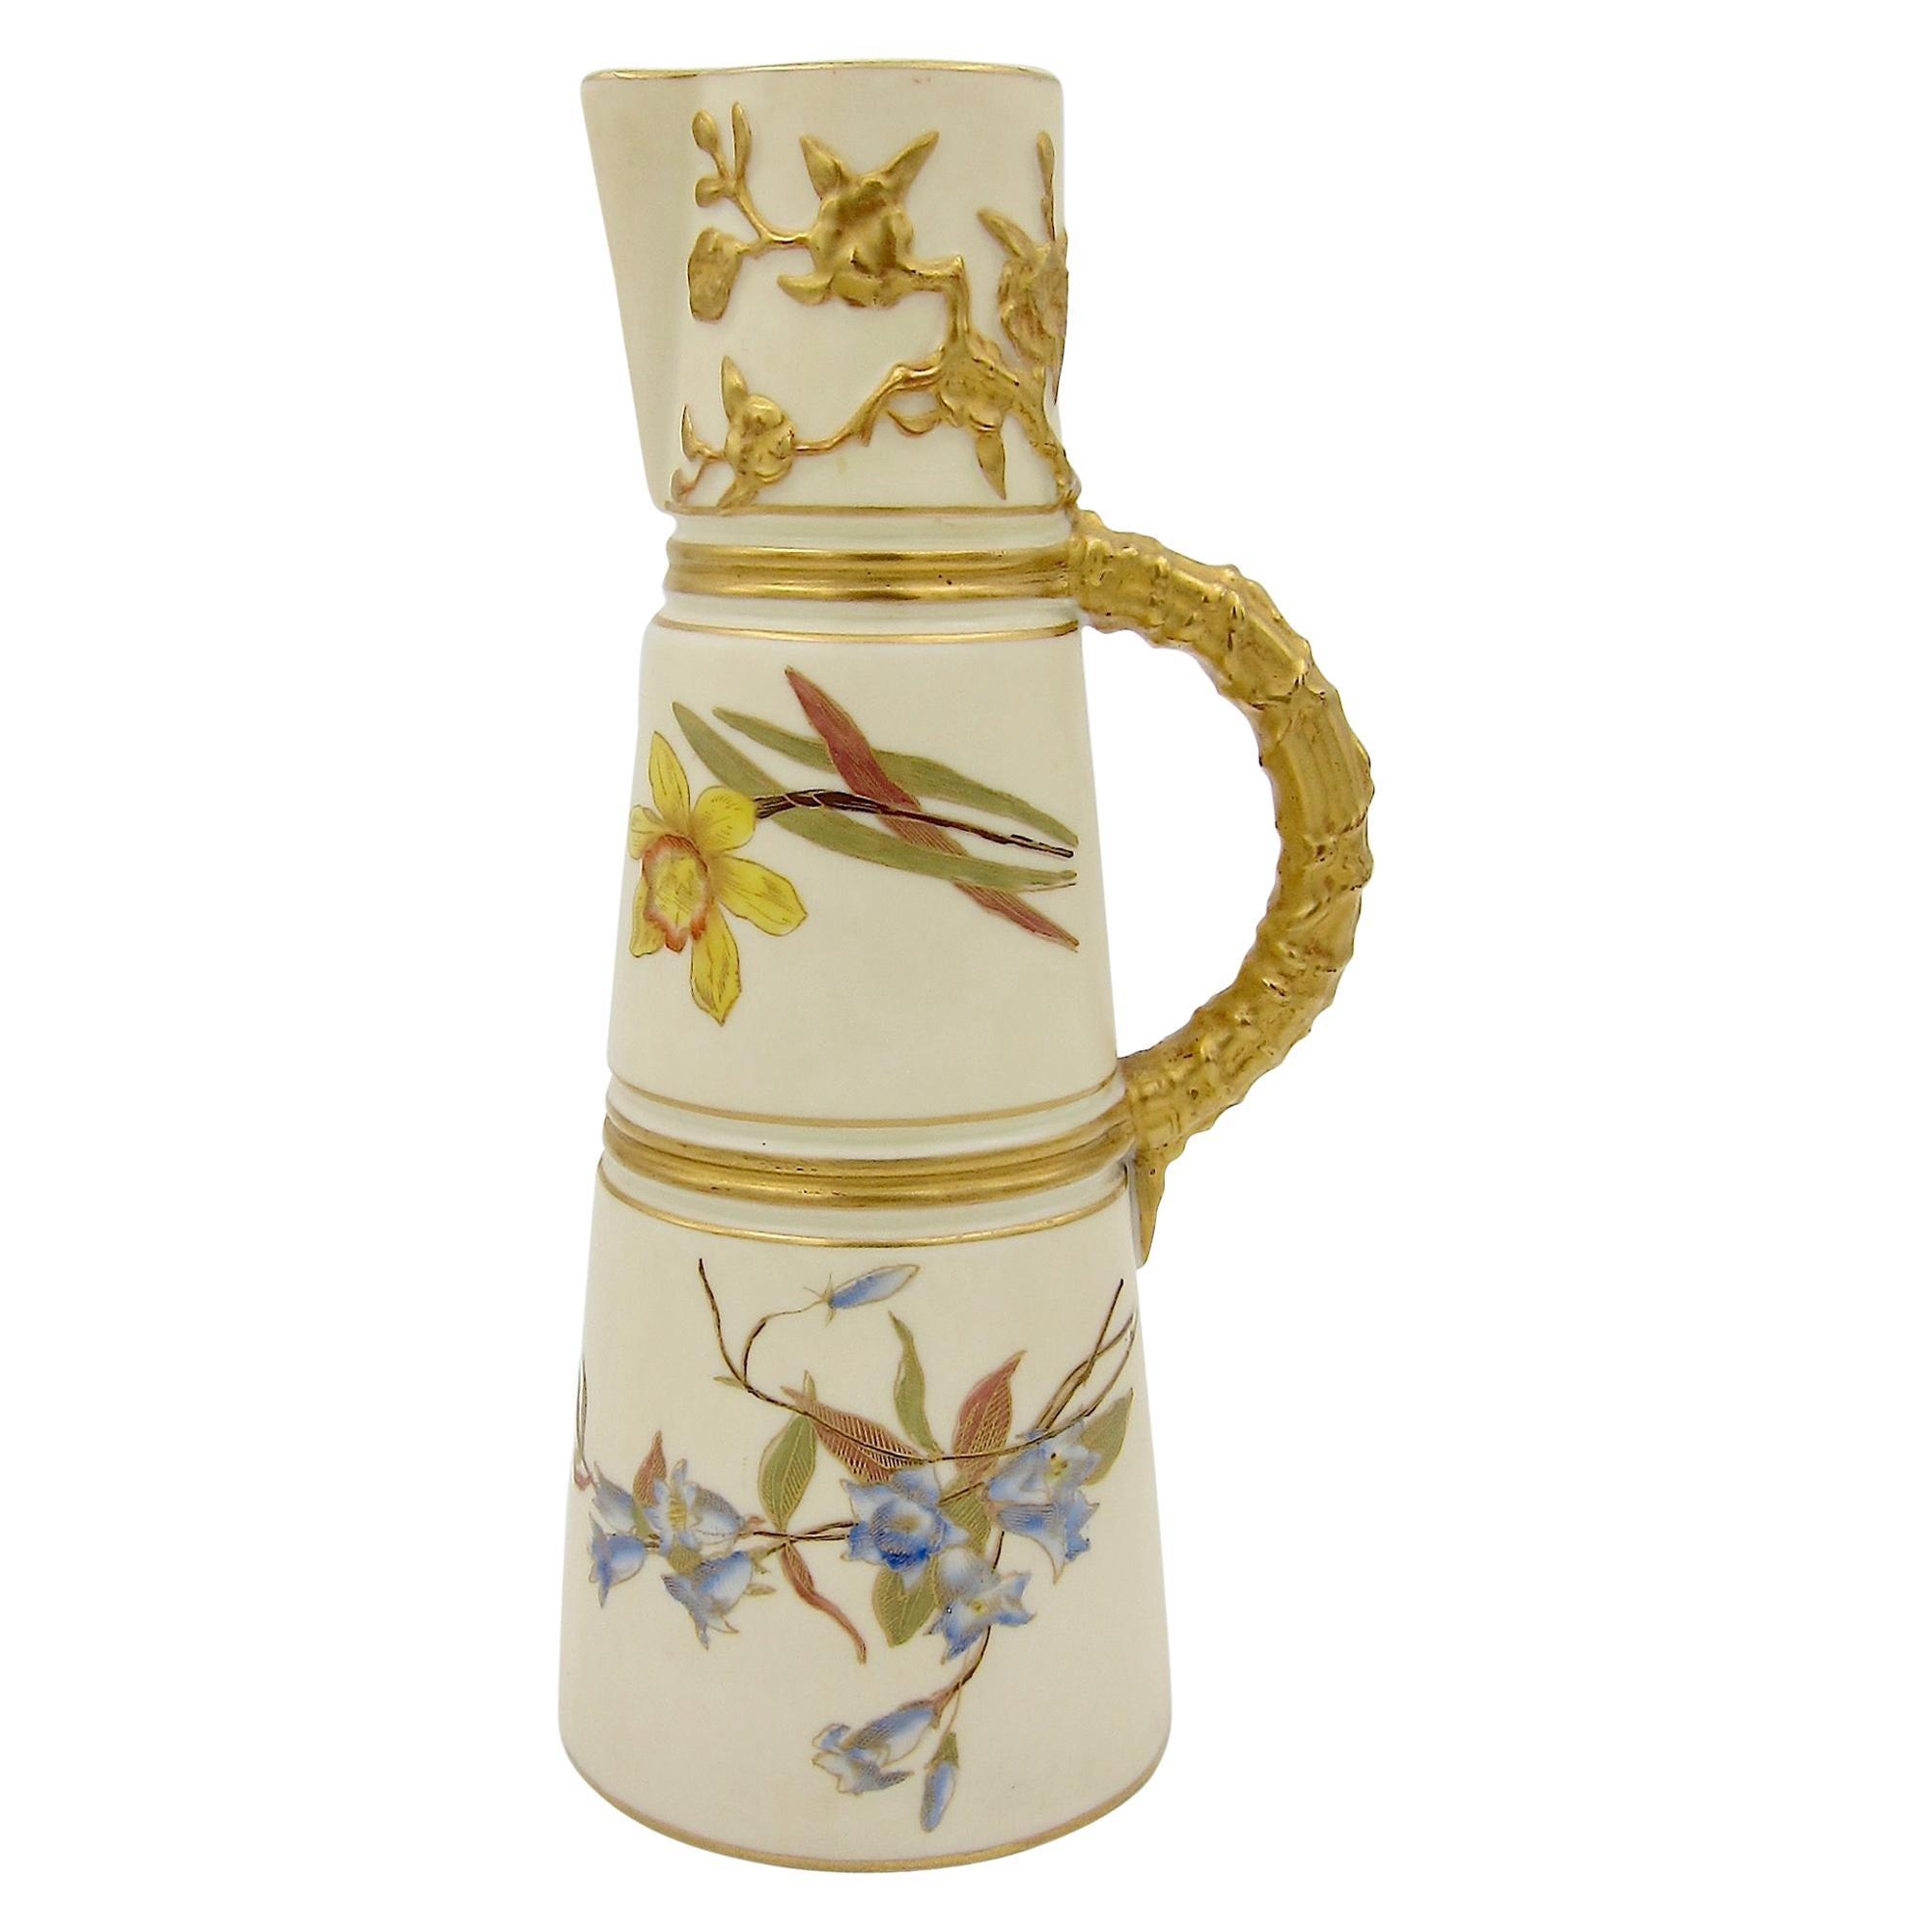 Antique English Royal Worcester Porcelain Ewer, 1892